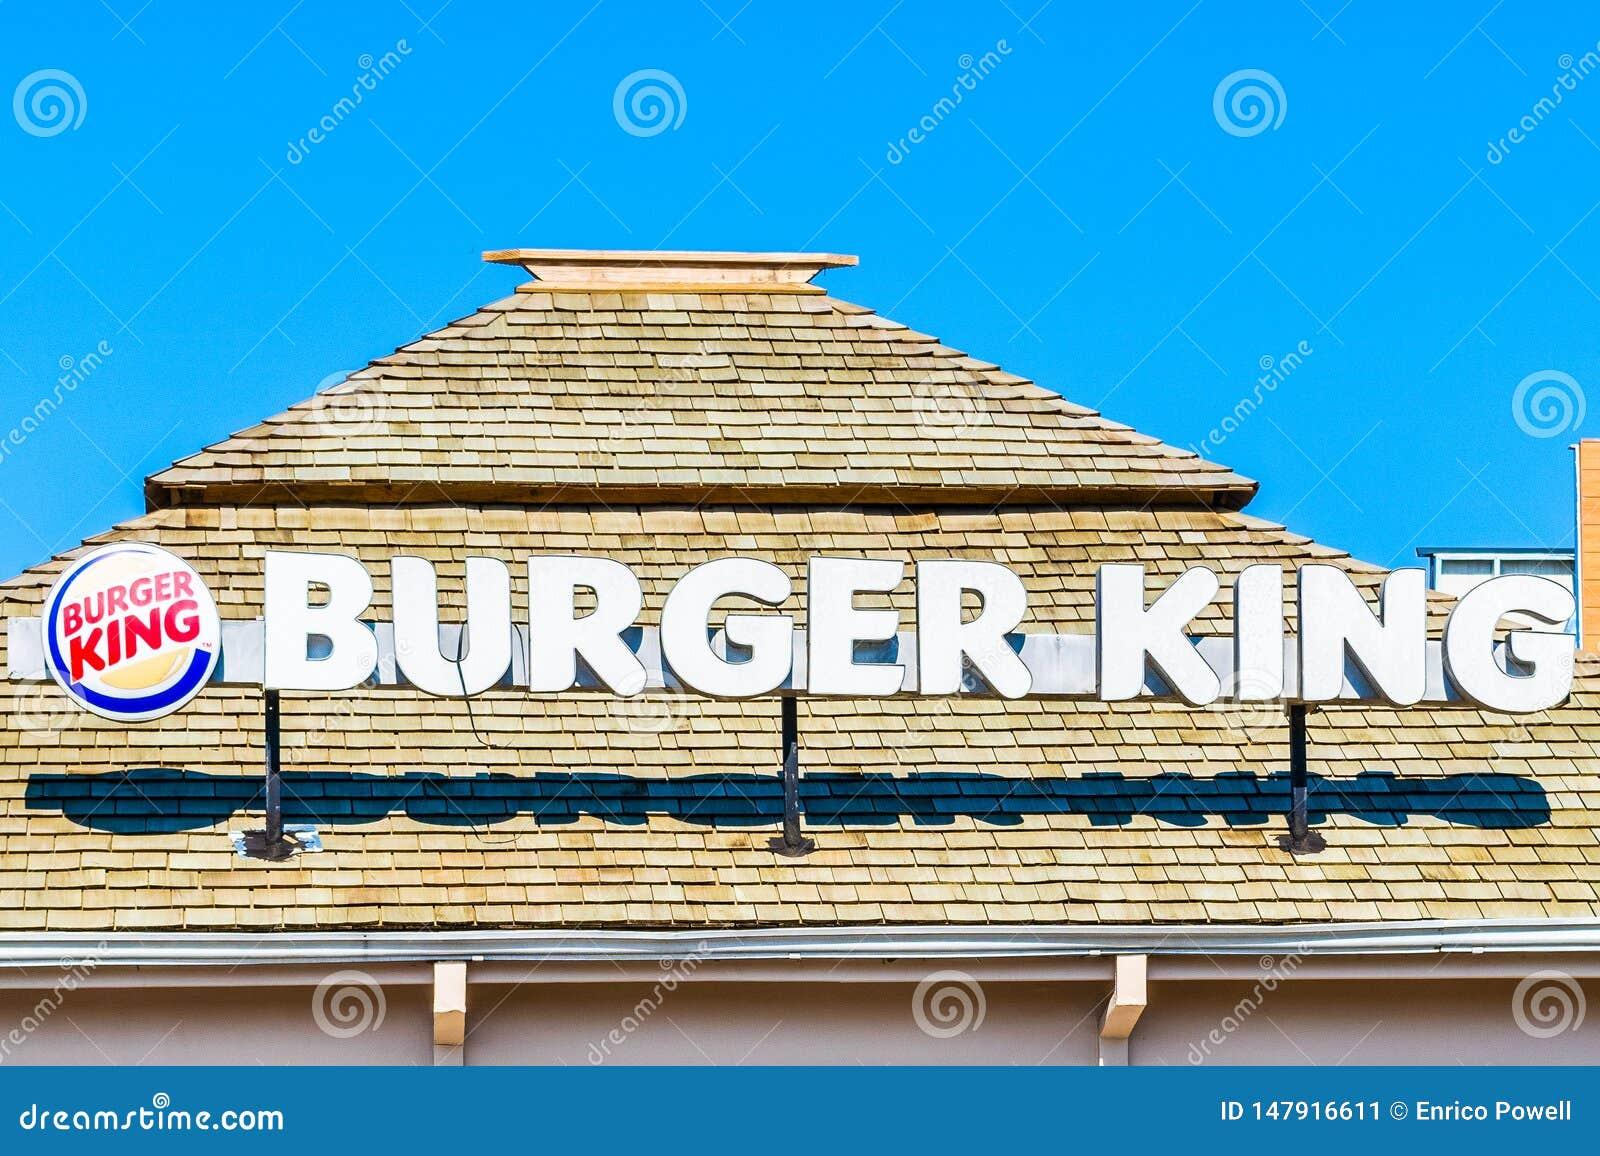 Vorrechtniederlassung Negril Jamaika der amerikanischen Fast-Food-Kette Burger King, ein Lieblingsschnellrestaurant unter Jamaica